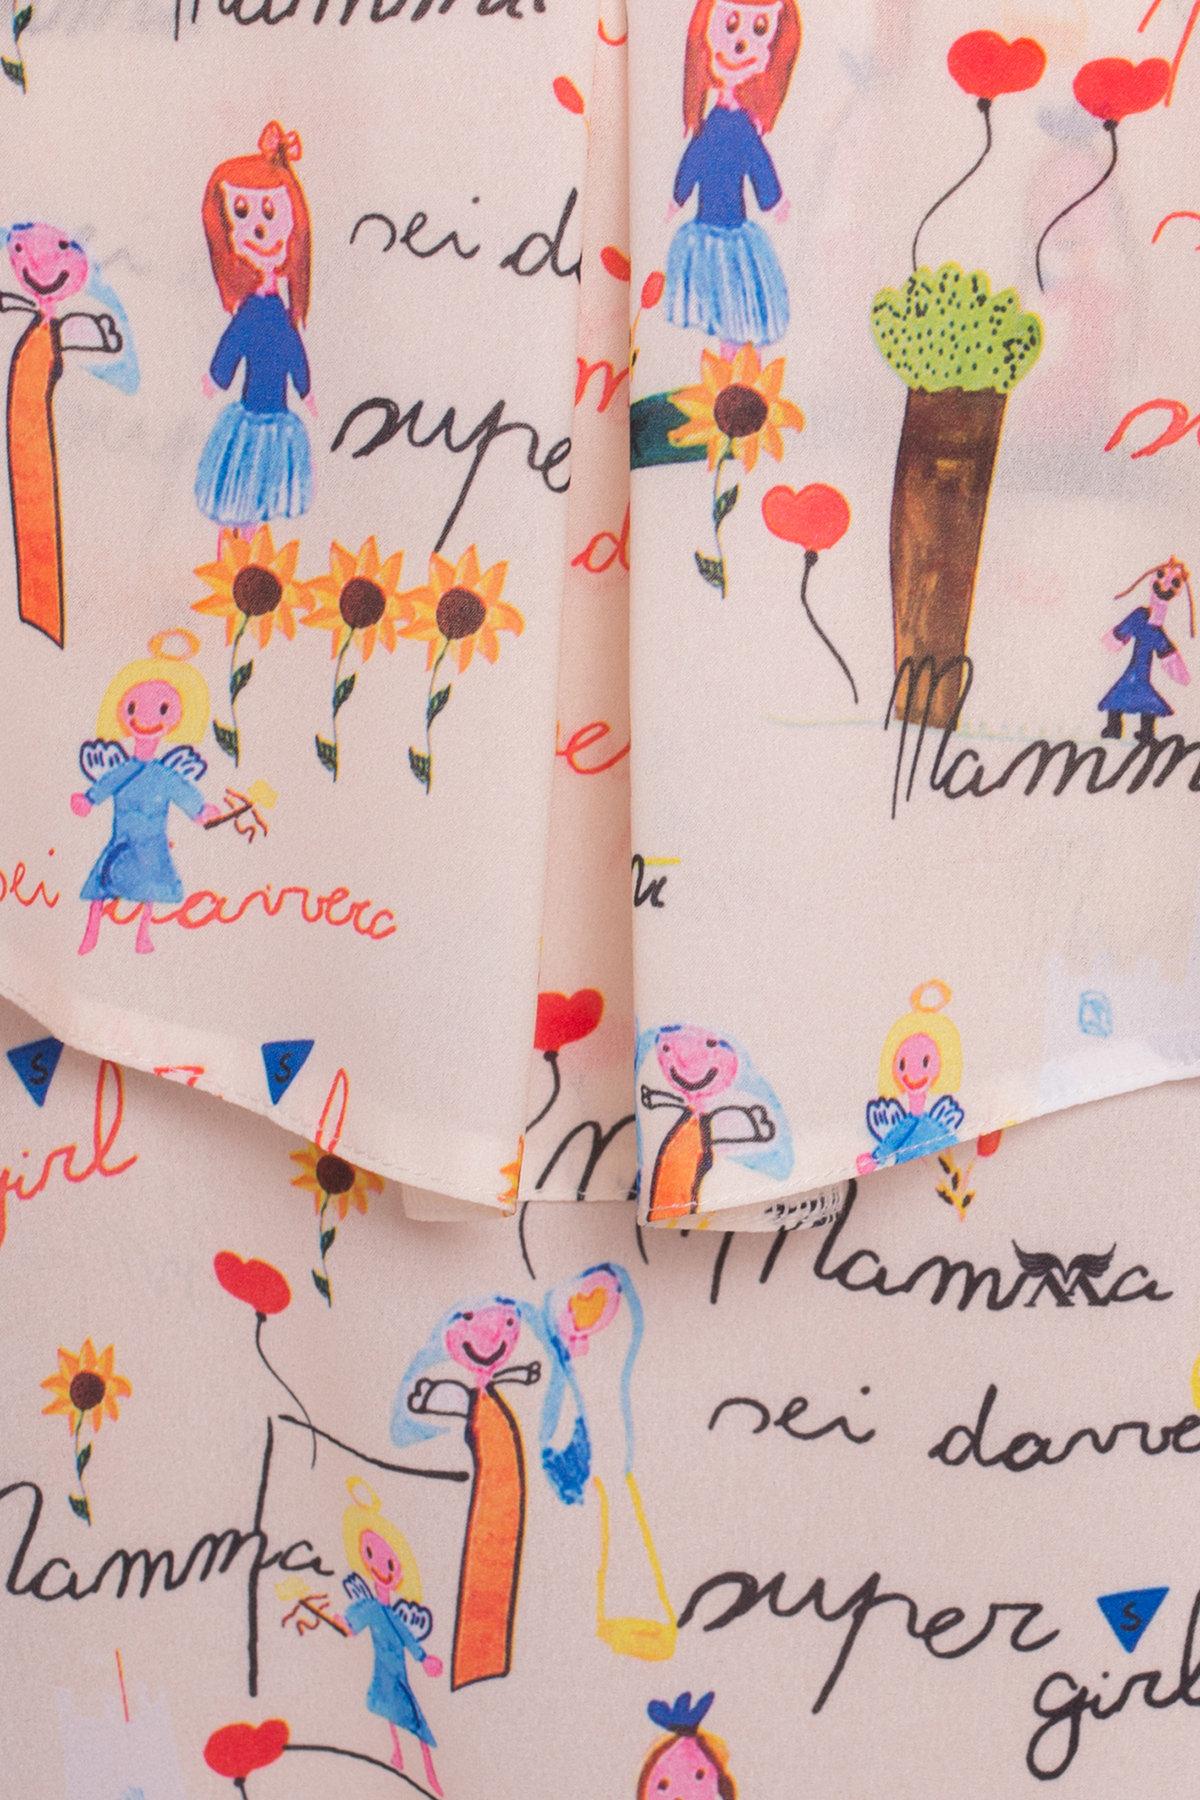 TW Платье Восток 5119 АРТ. 35884 Цвет: Бежевый светлый/детские рисунки - фото 4, интернет магазин tm-modus.ru